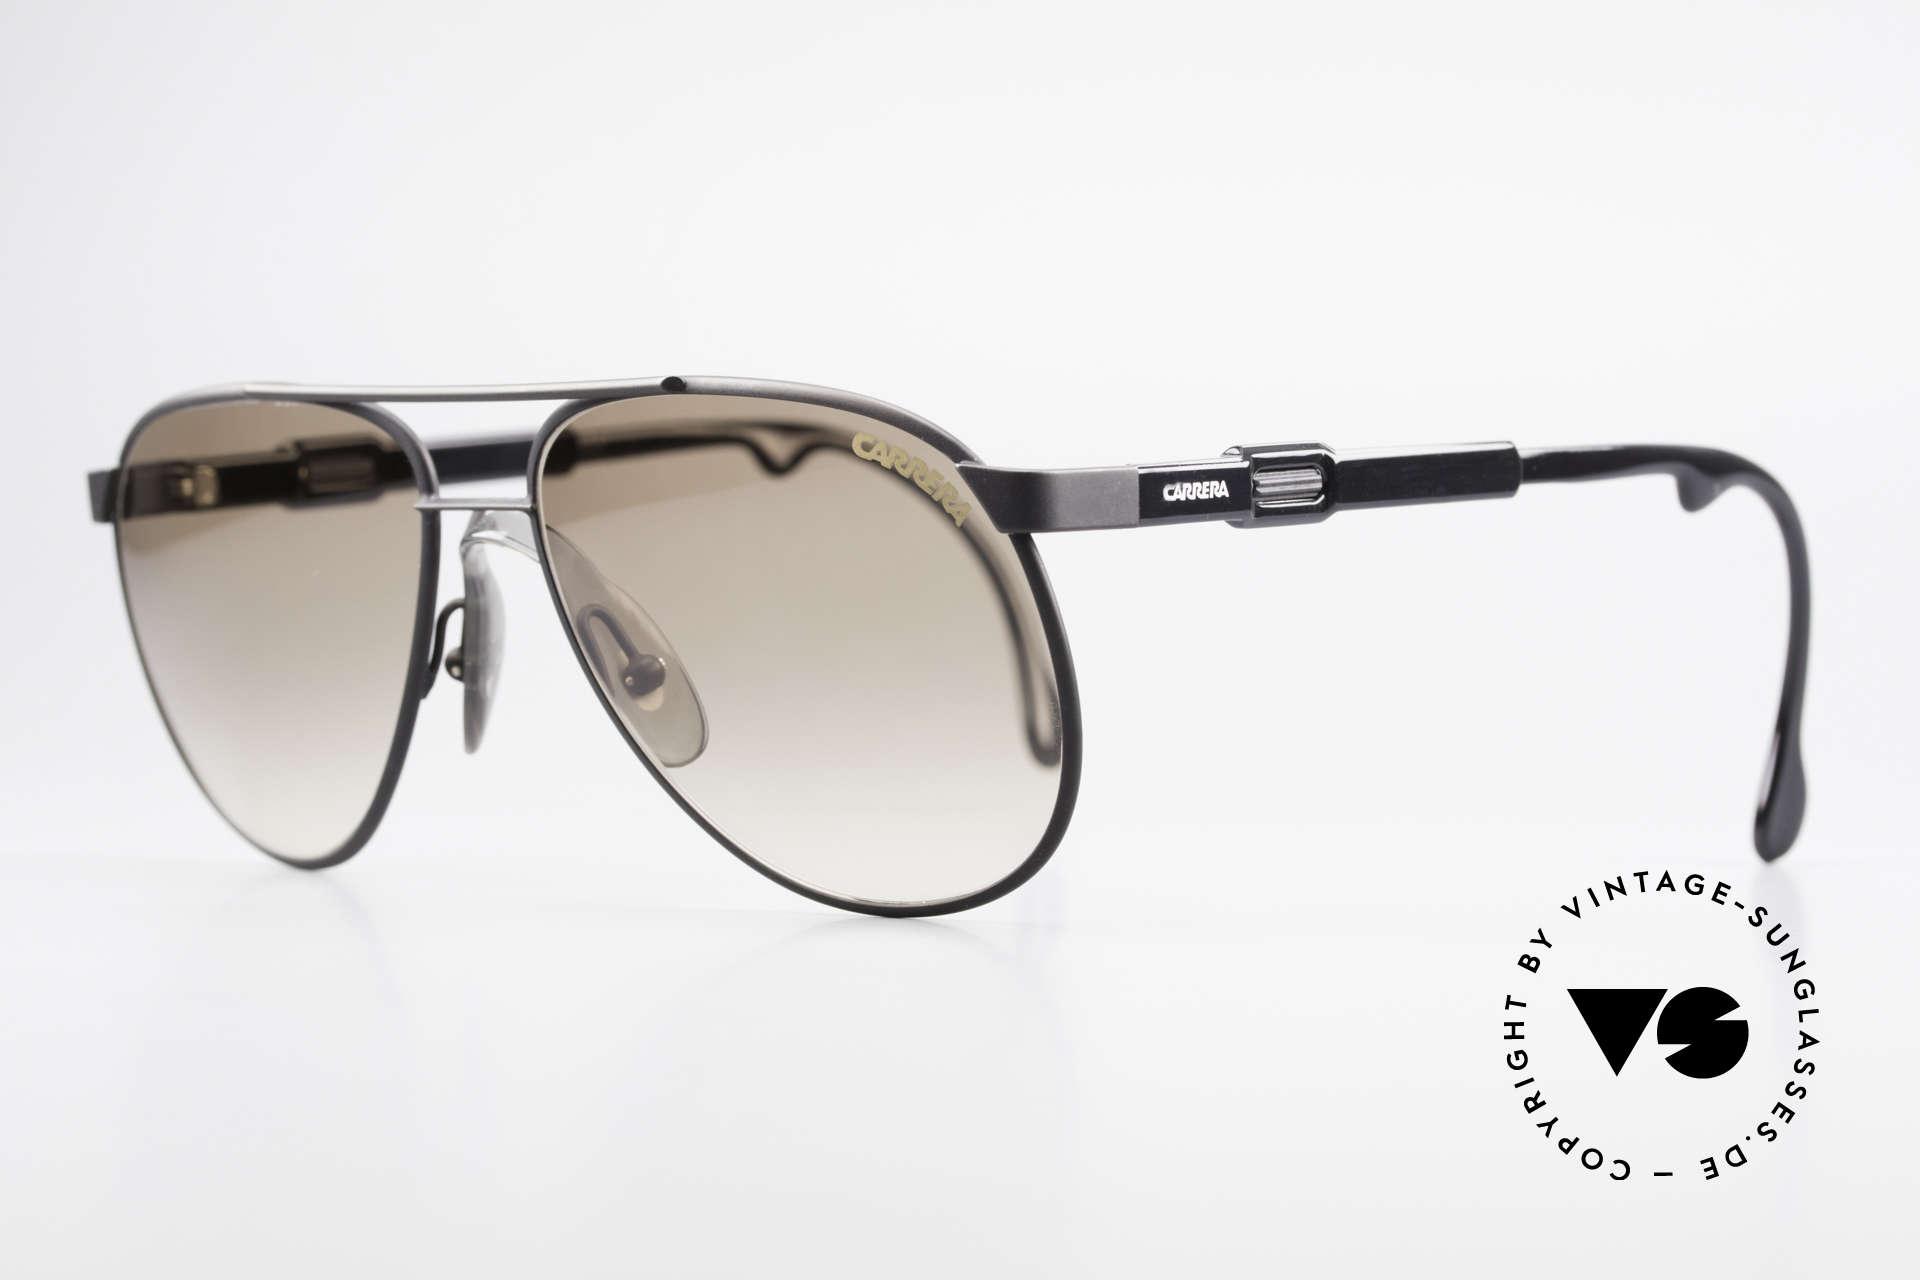 Carrera 5348 Vario Sport Sonnenbrille 80er, variable Bügellänge durch Carrera Vario System, Passend für Herren und Damen